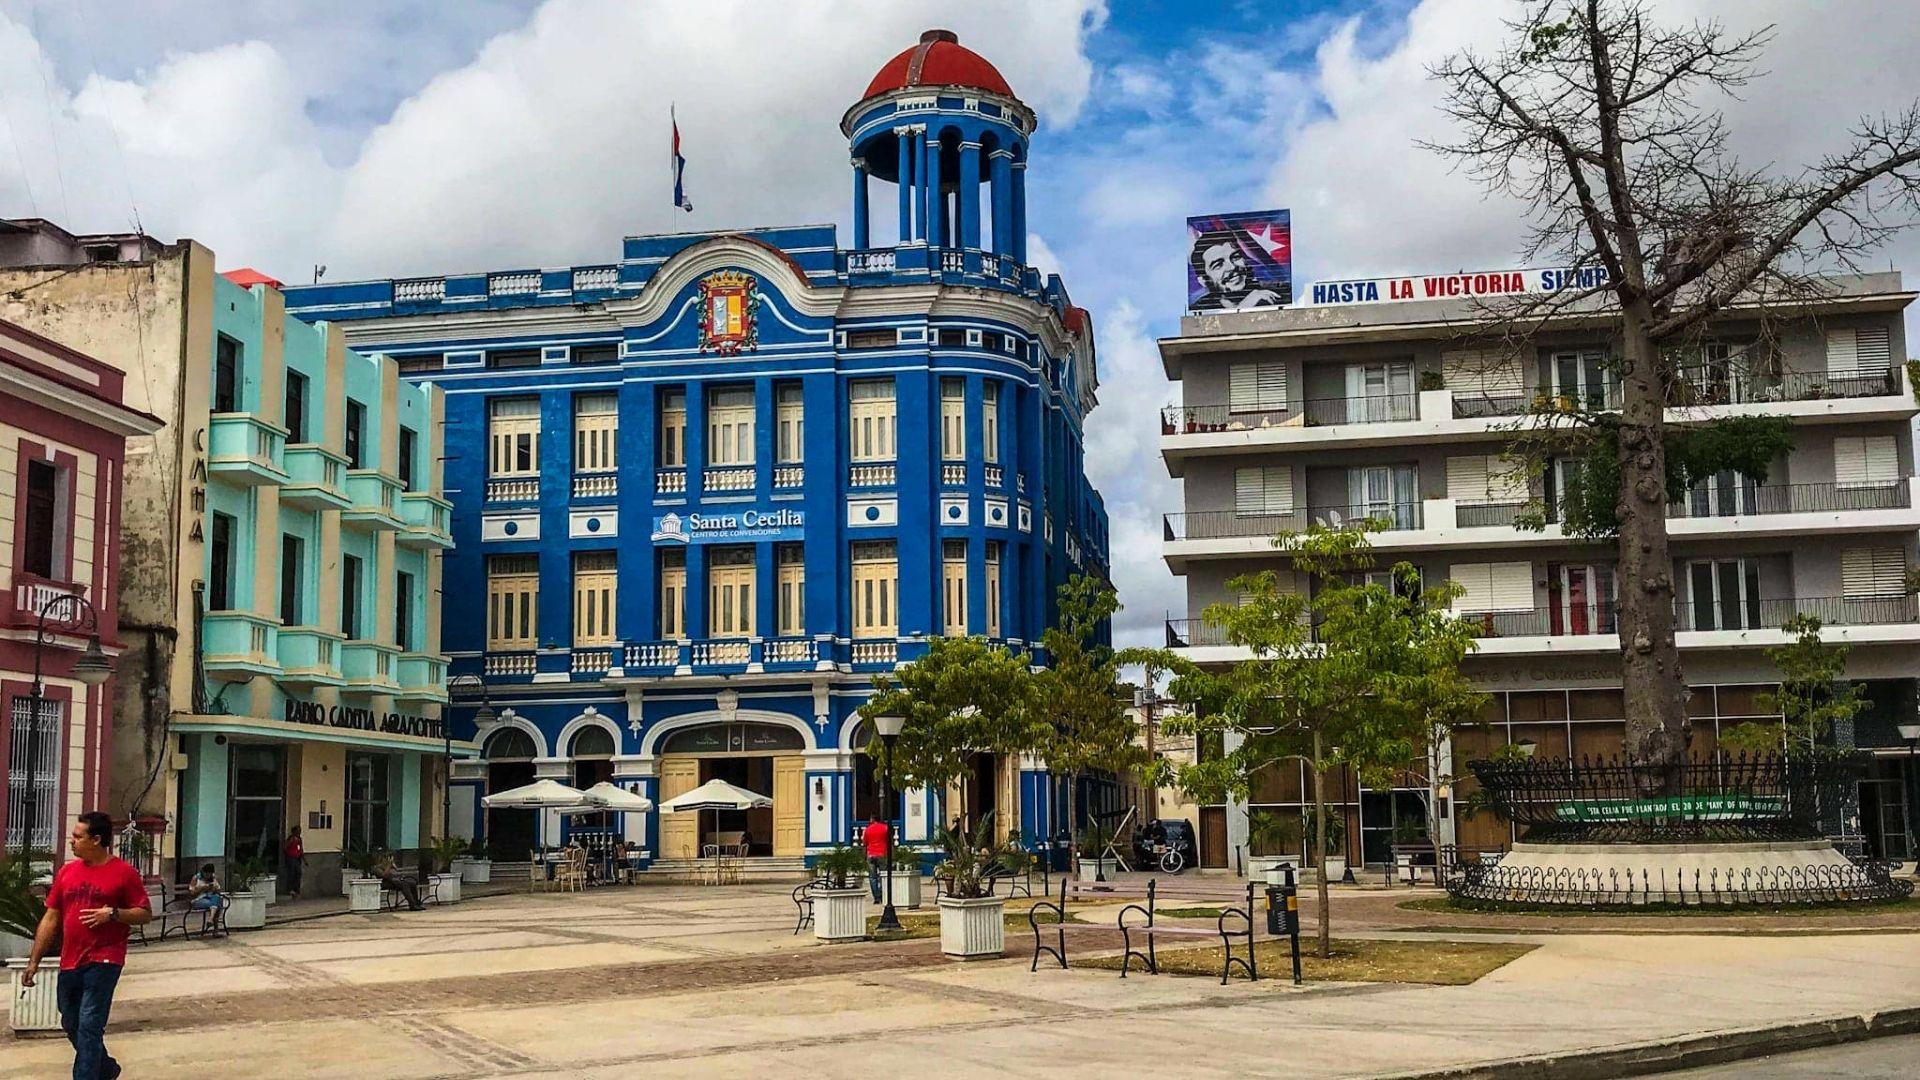 Miasto labirynt. Poznajcie historię Camagüey